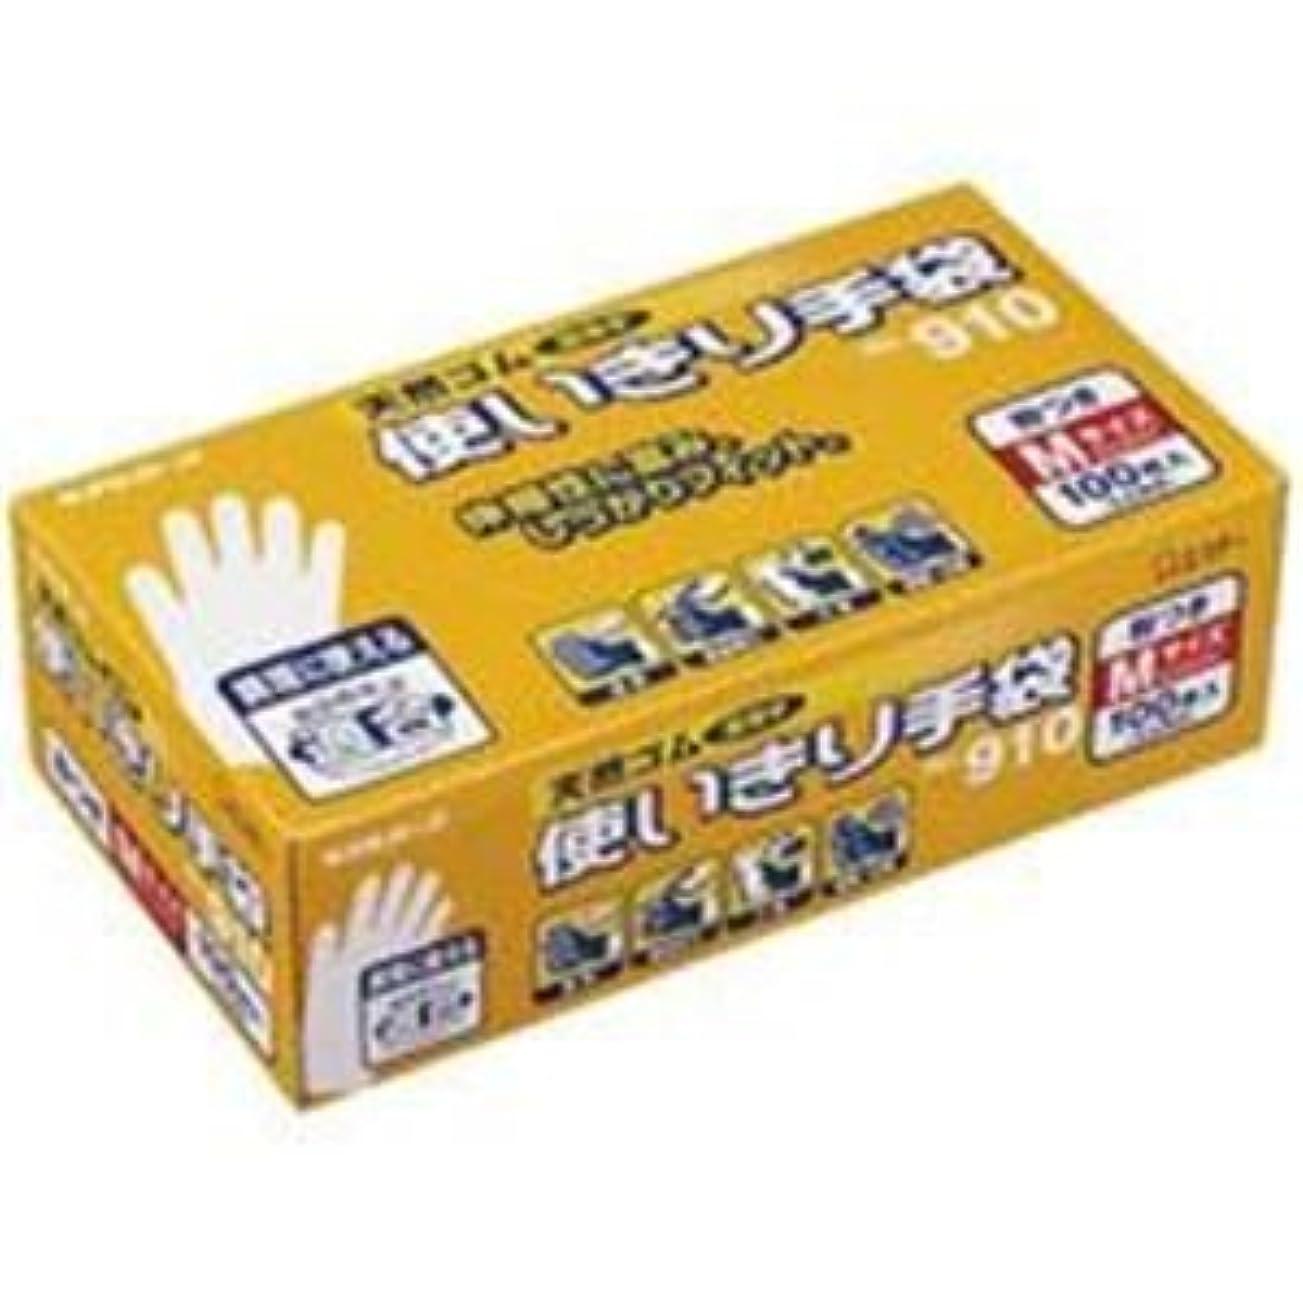 宮殿原始的なペナルティエステー 天然ゴム使い切り手袋/作業用手袋 [No.910/L 12箱]